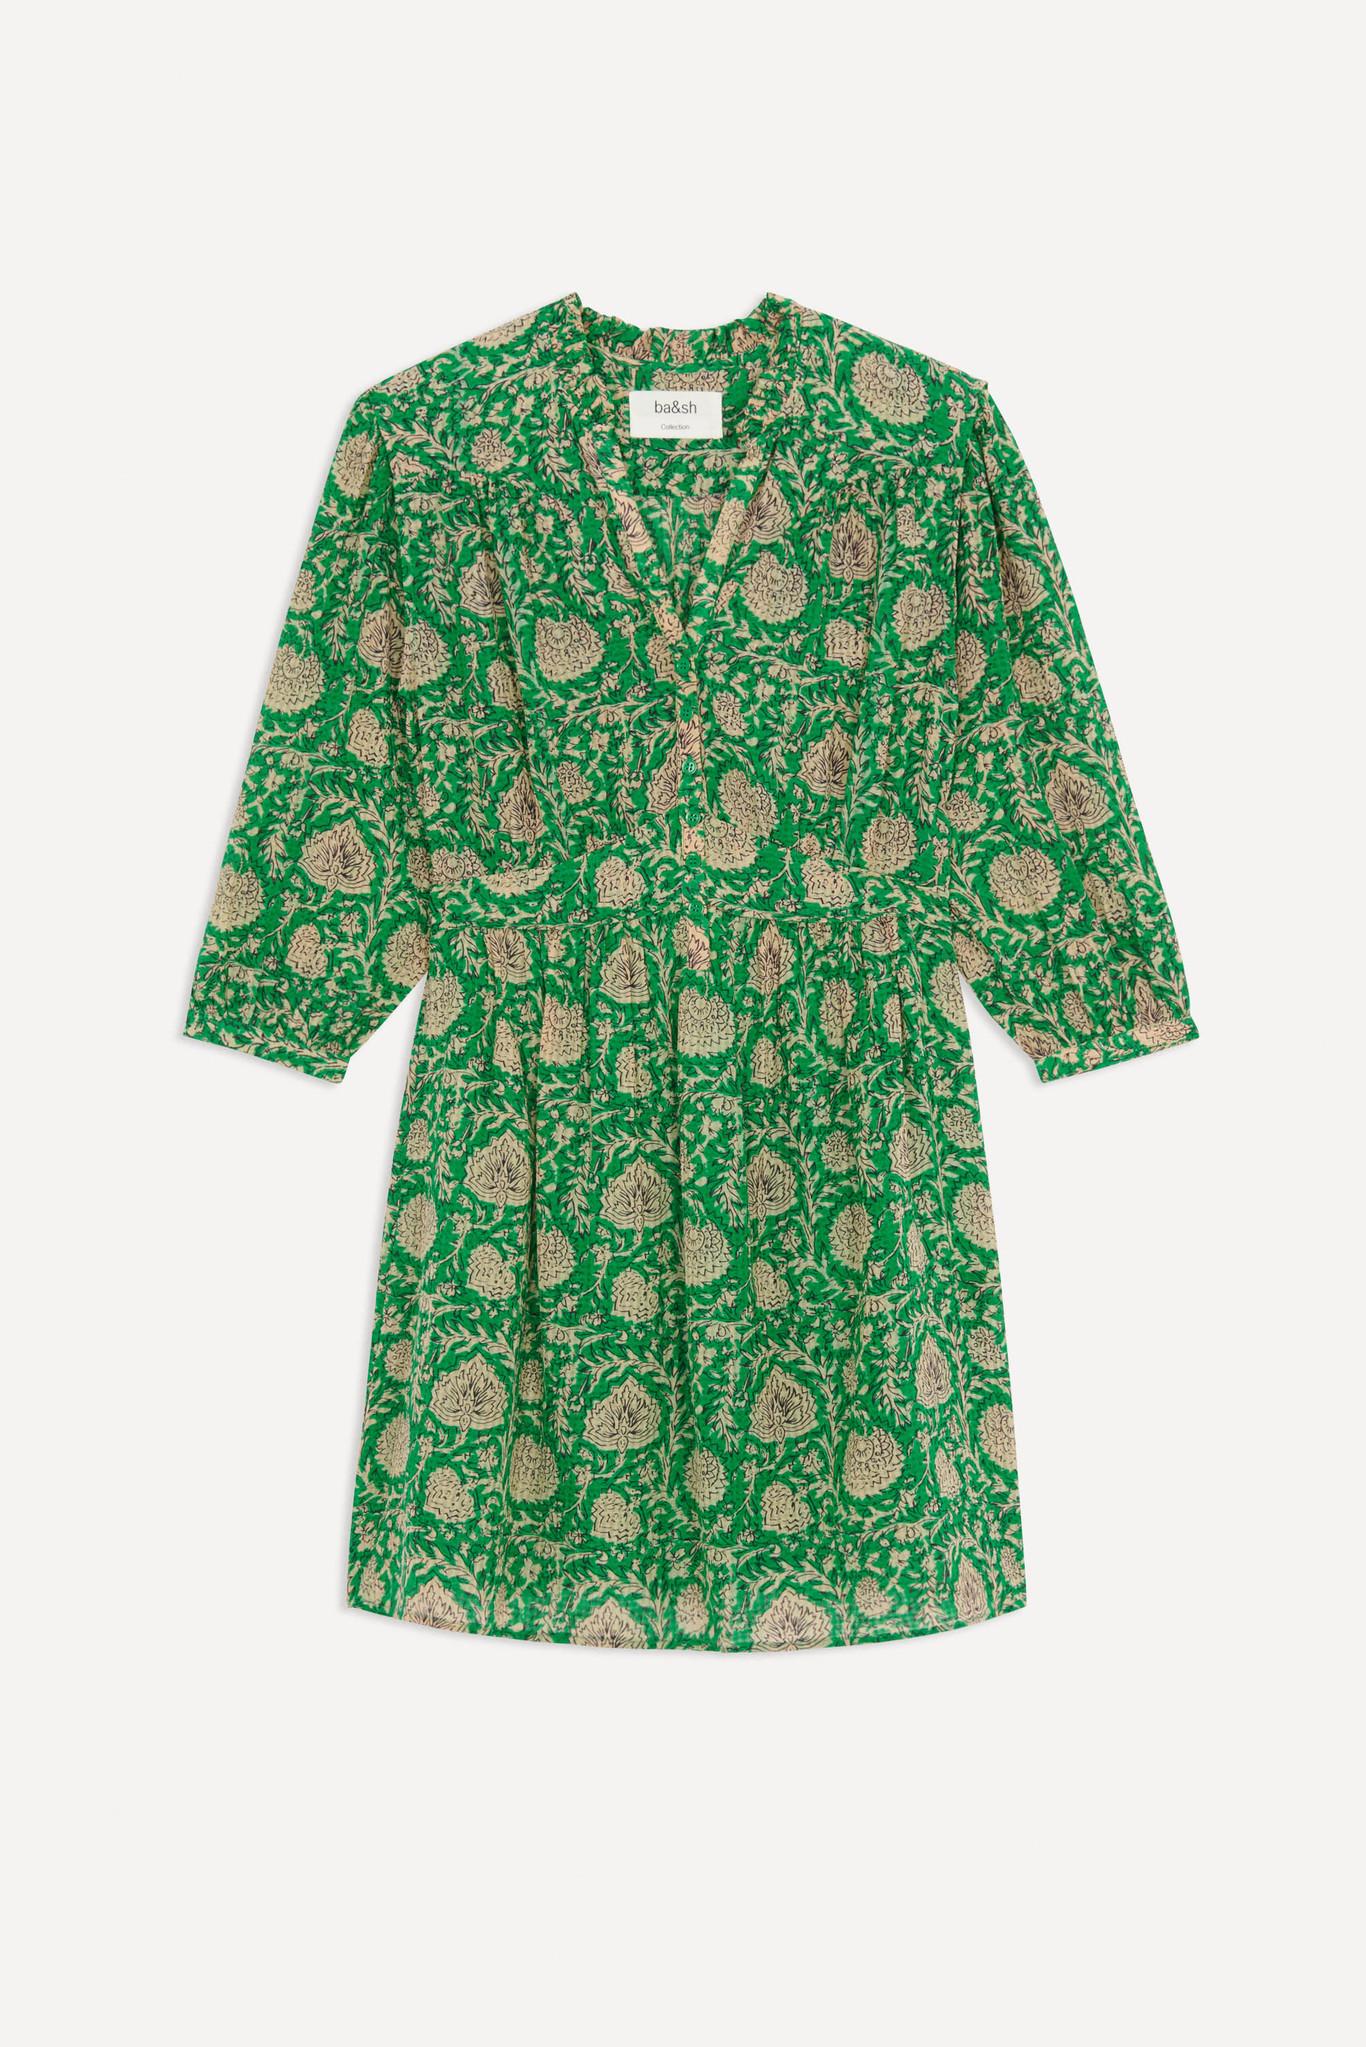 PAZ robe courte imprimée-1